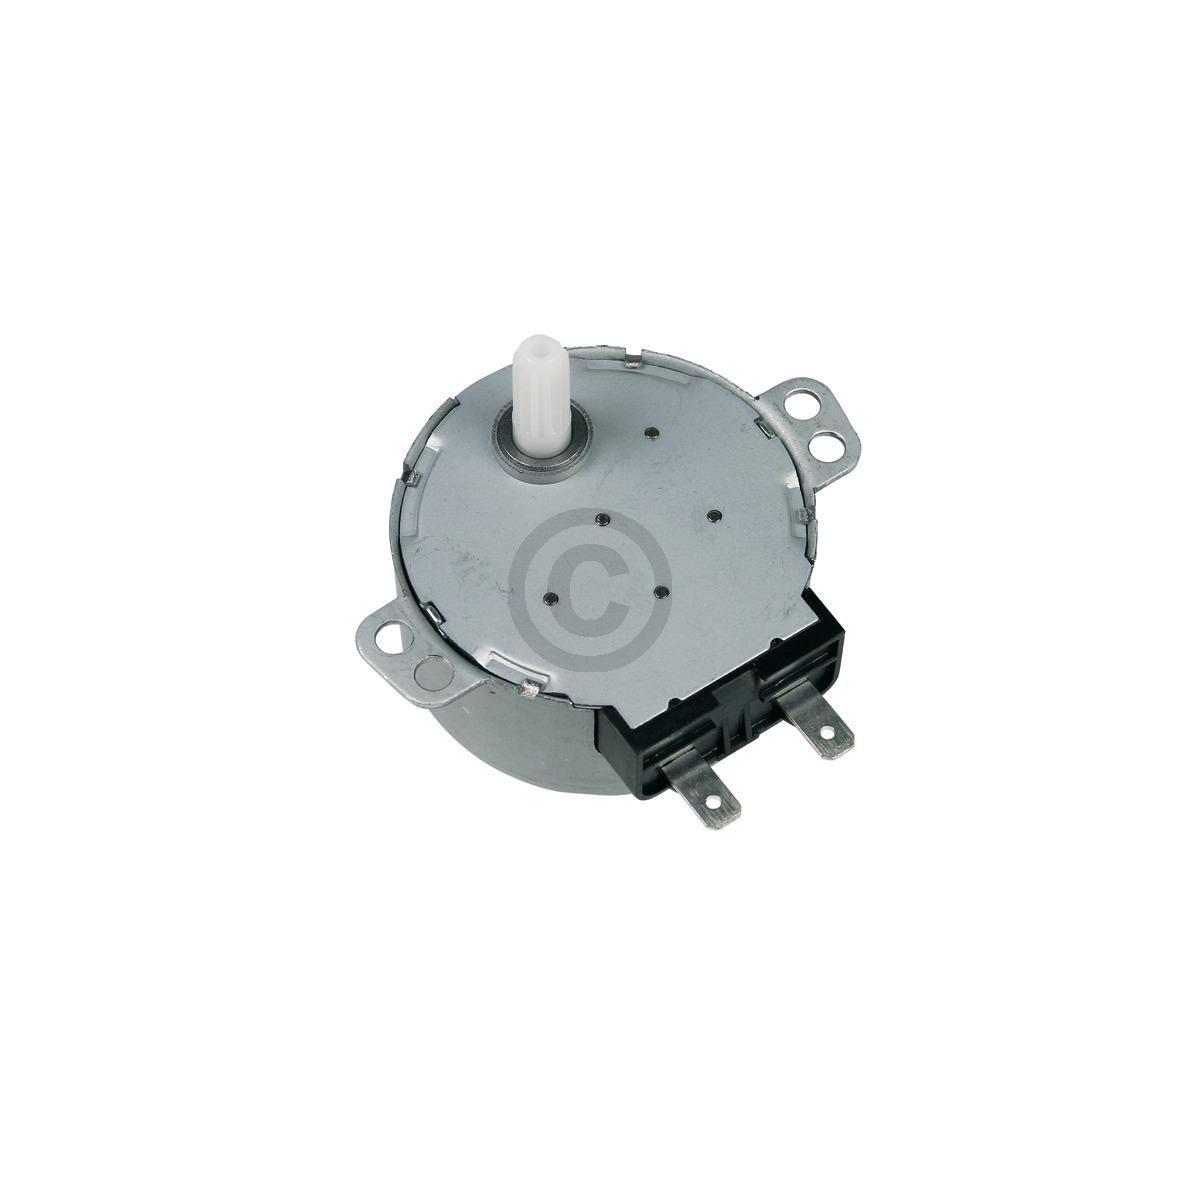 Drehschiebermotor an Heizpumpe 00611329 611329 Bosch, Siemens, Neff, Küppersbusc